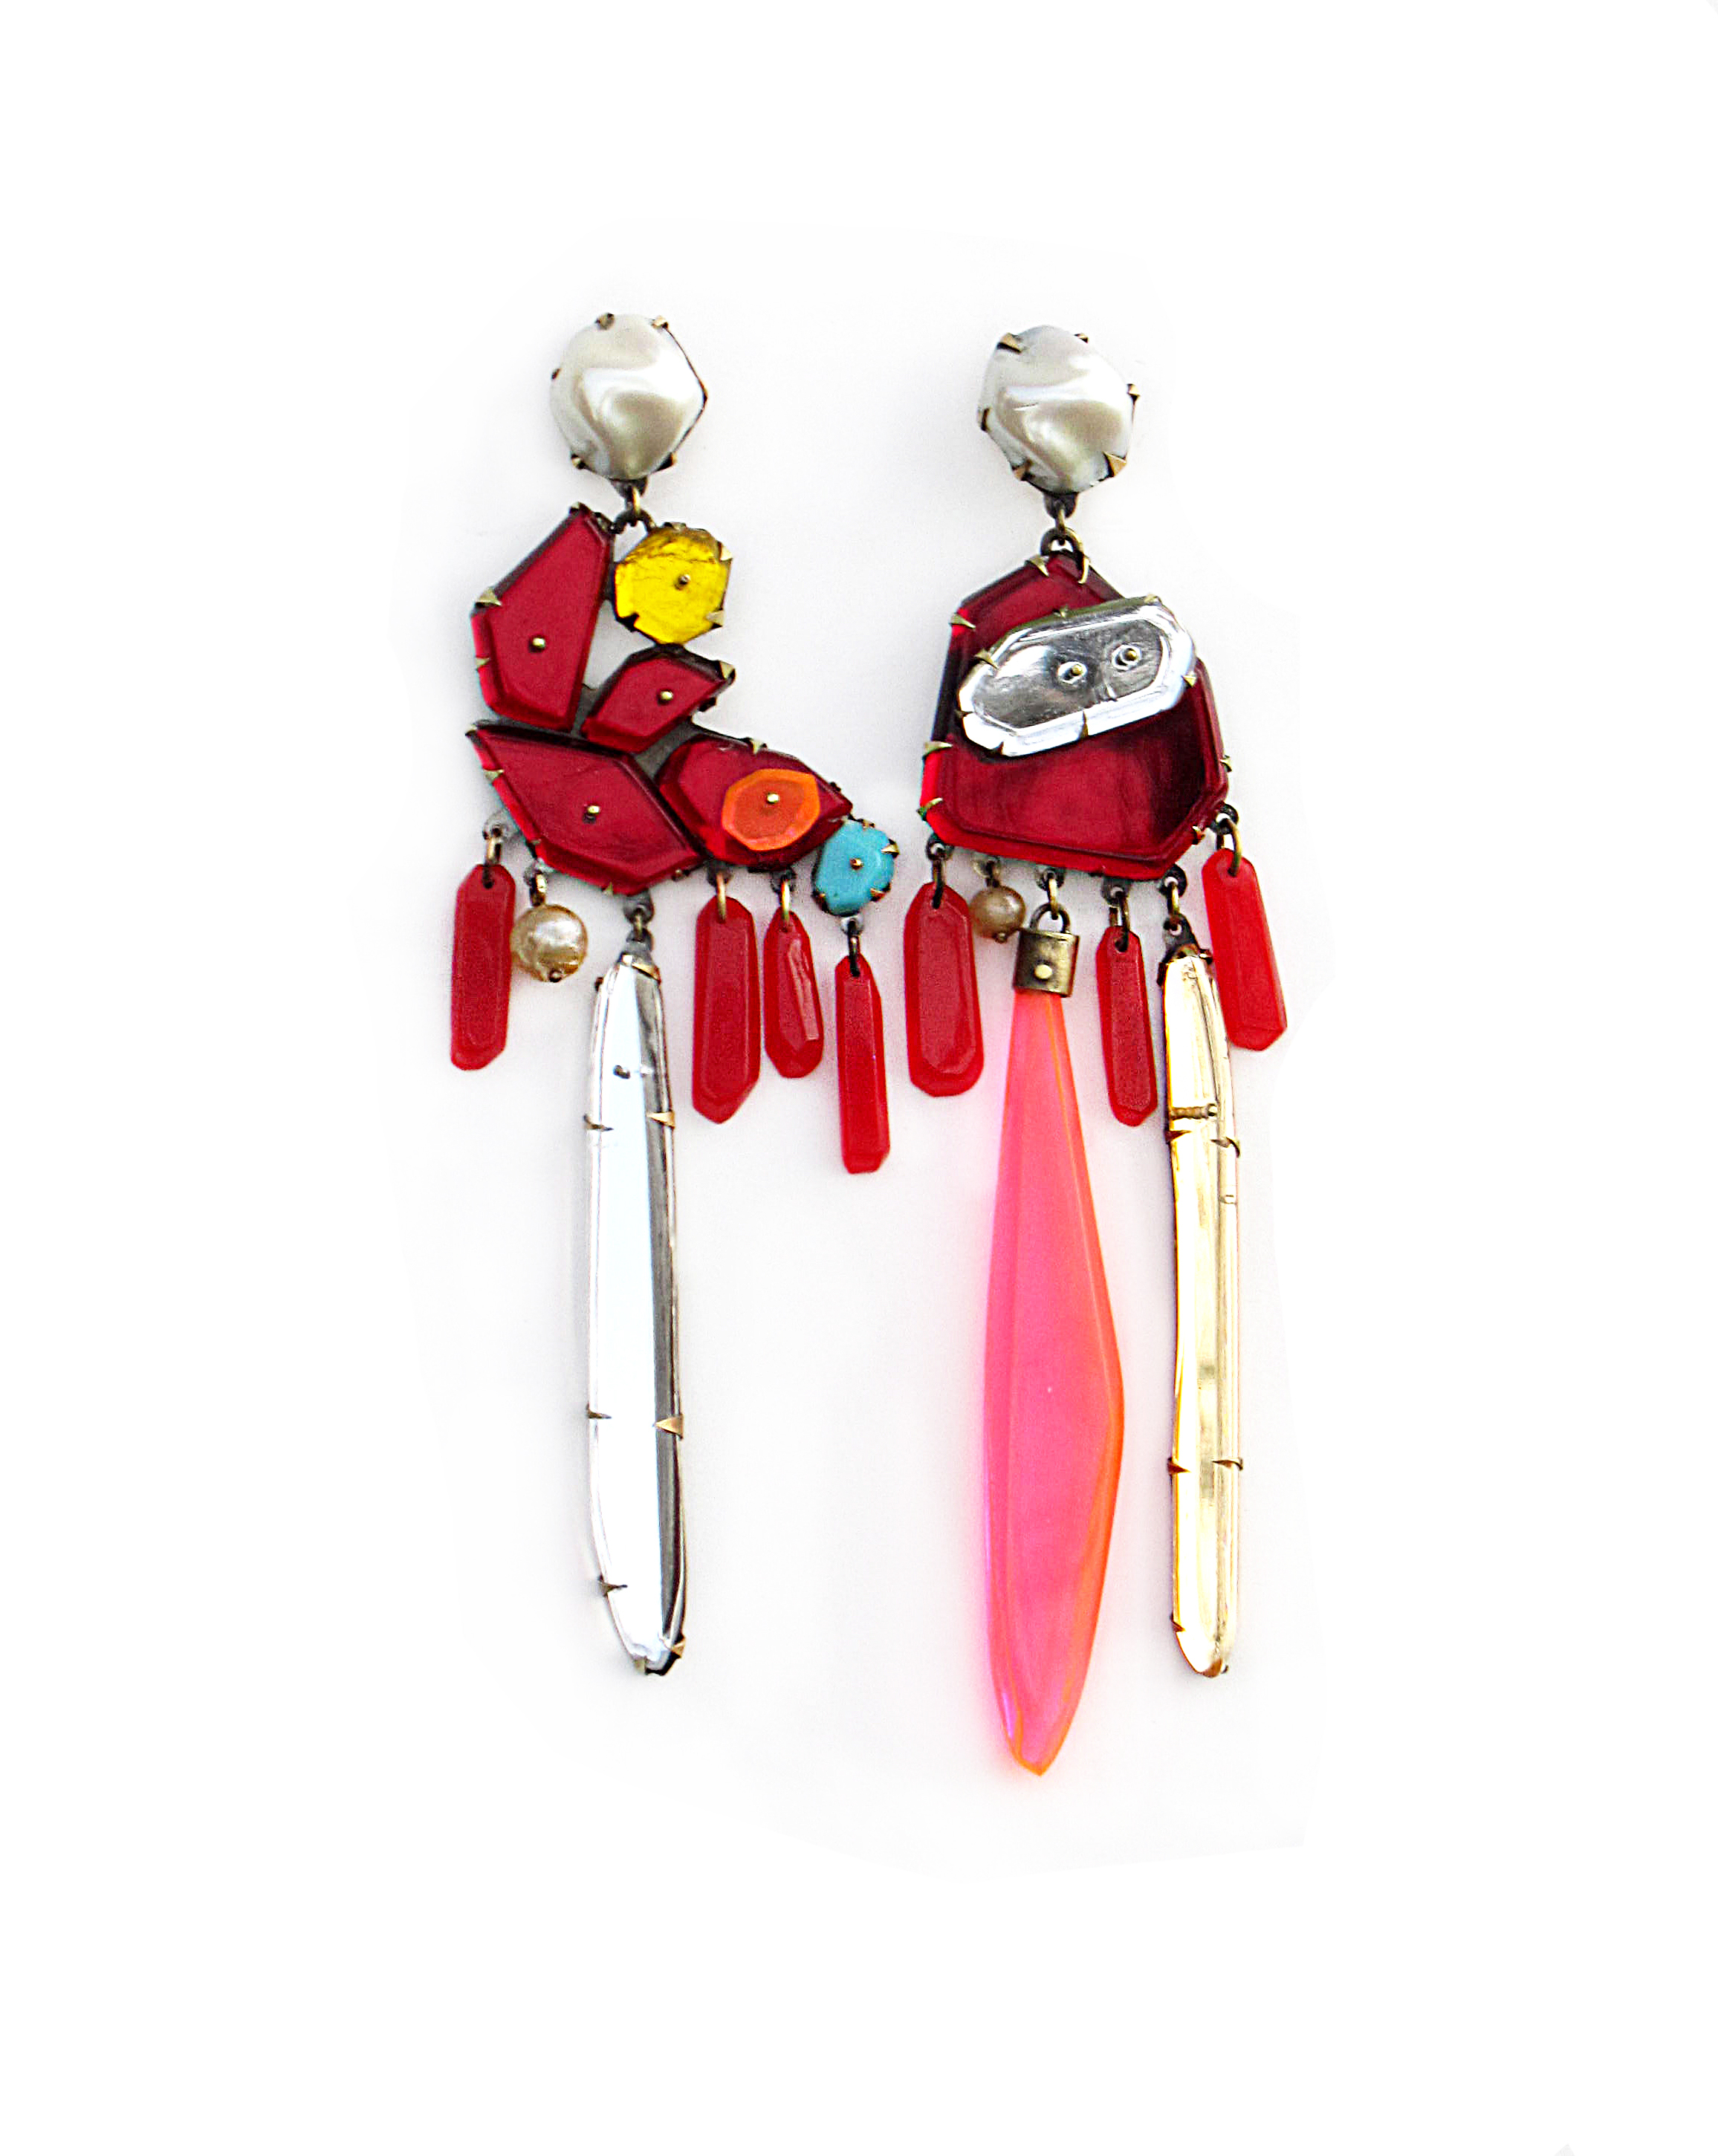 Nikki Couppee, Red Earrings, Plexiglass, brass, sterling silver, fine silver, found object